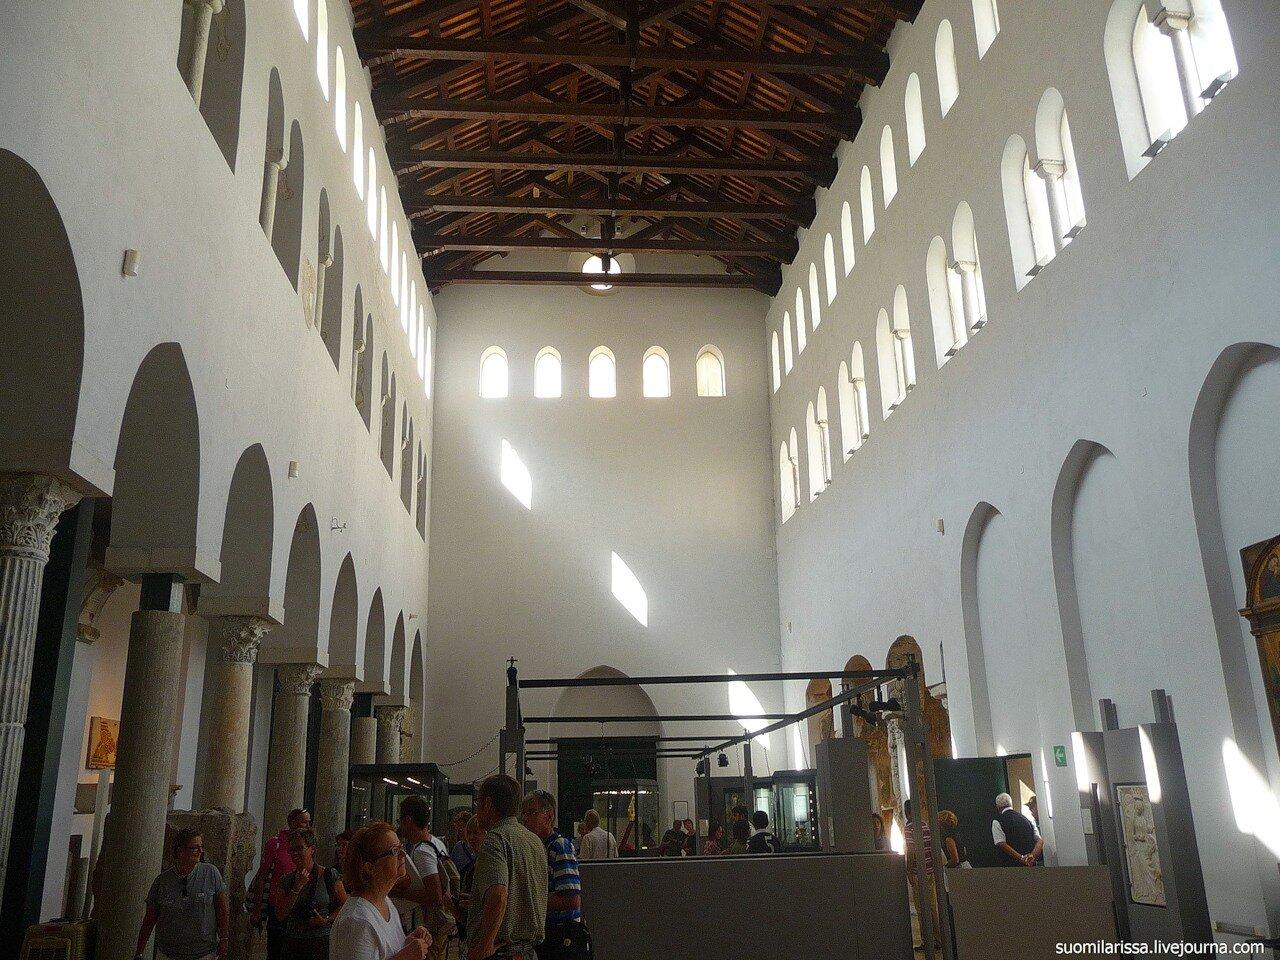 Италия. Амальфи. Базилика кафедрального собора (IX век).